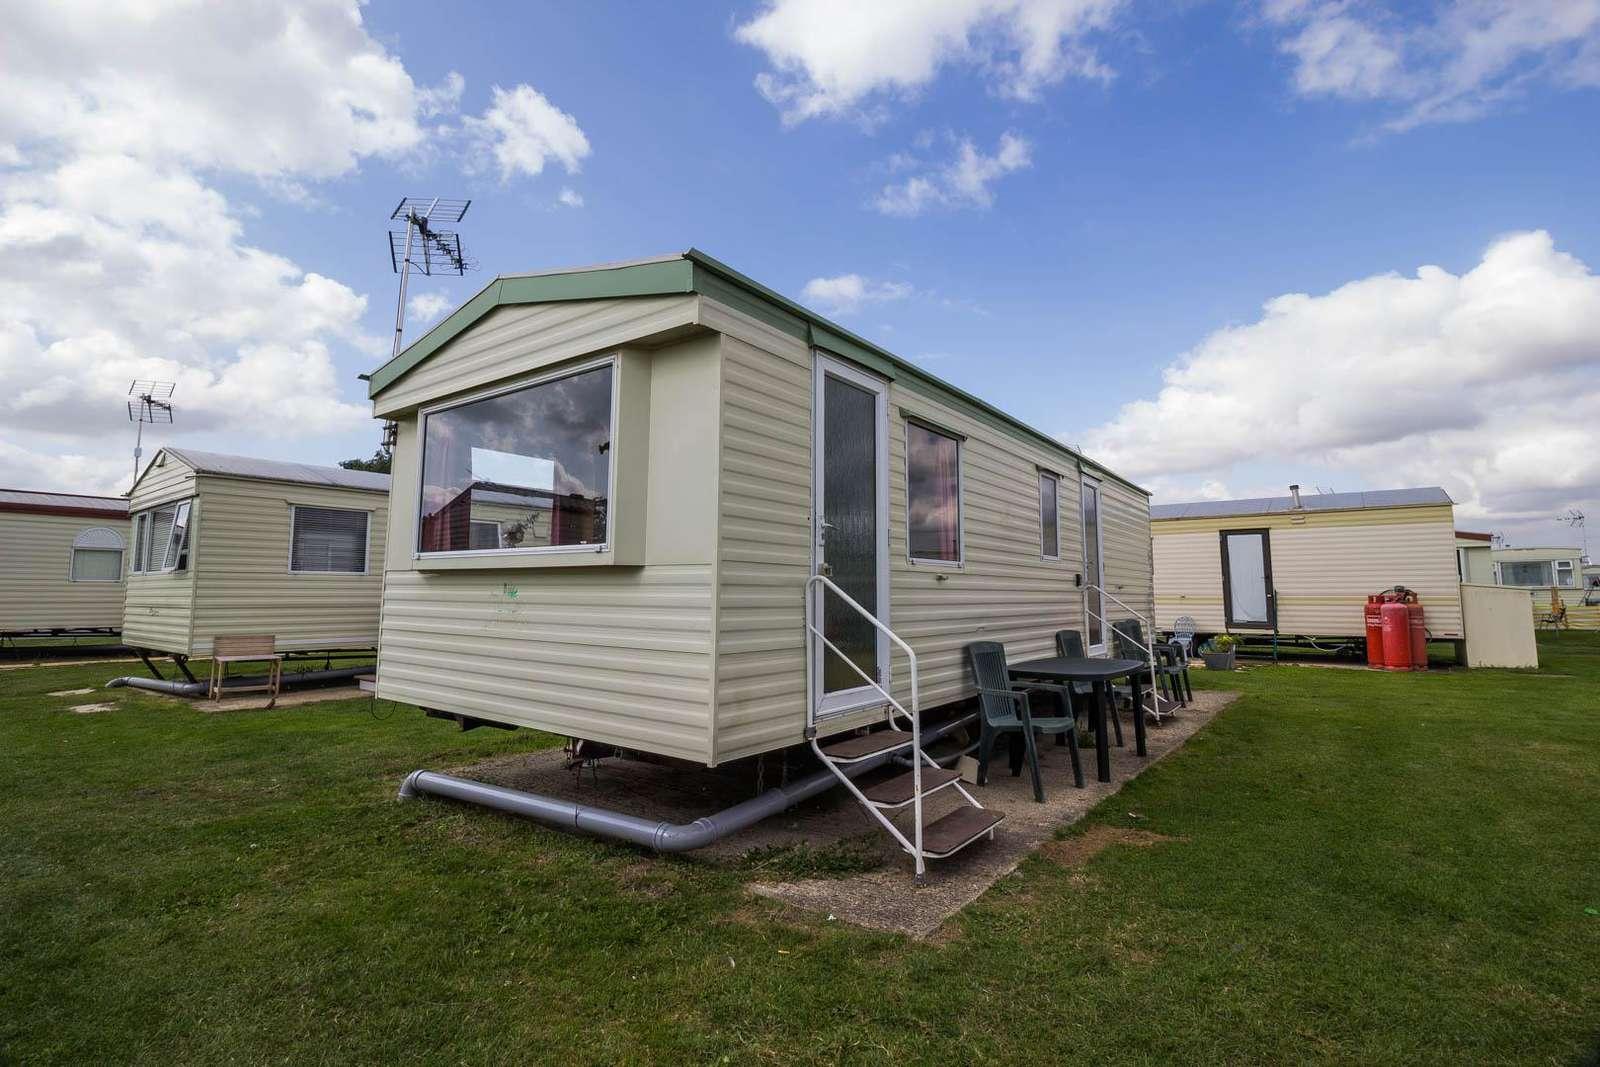 29017Y – Y Area, 2 bed, 6 berth caravan. Emerald rated. - property